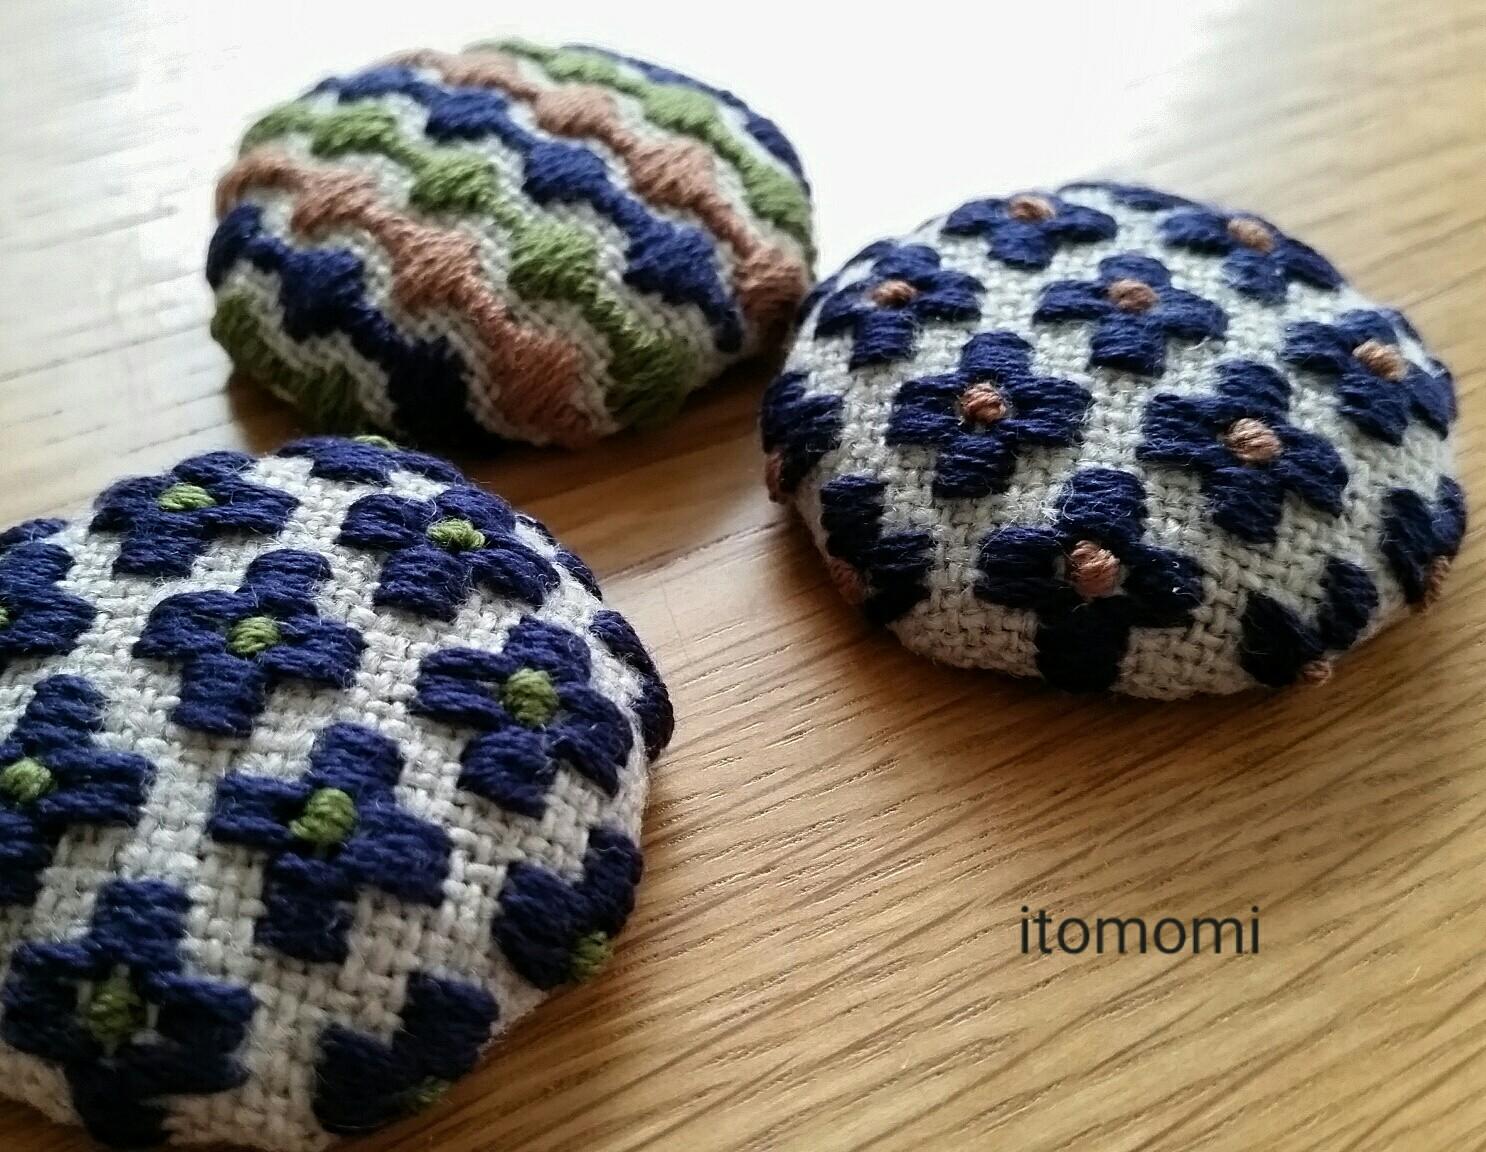 f:id:itomomi:20160820213252j:plain